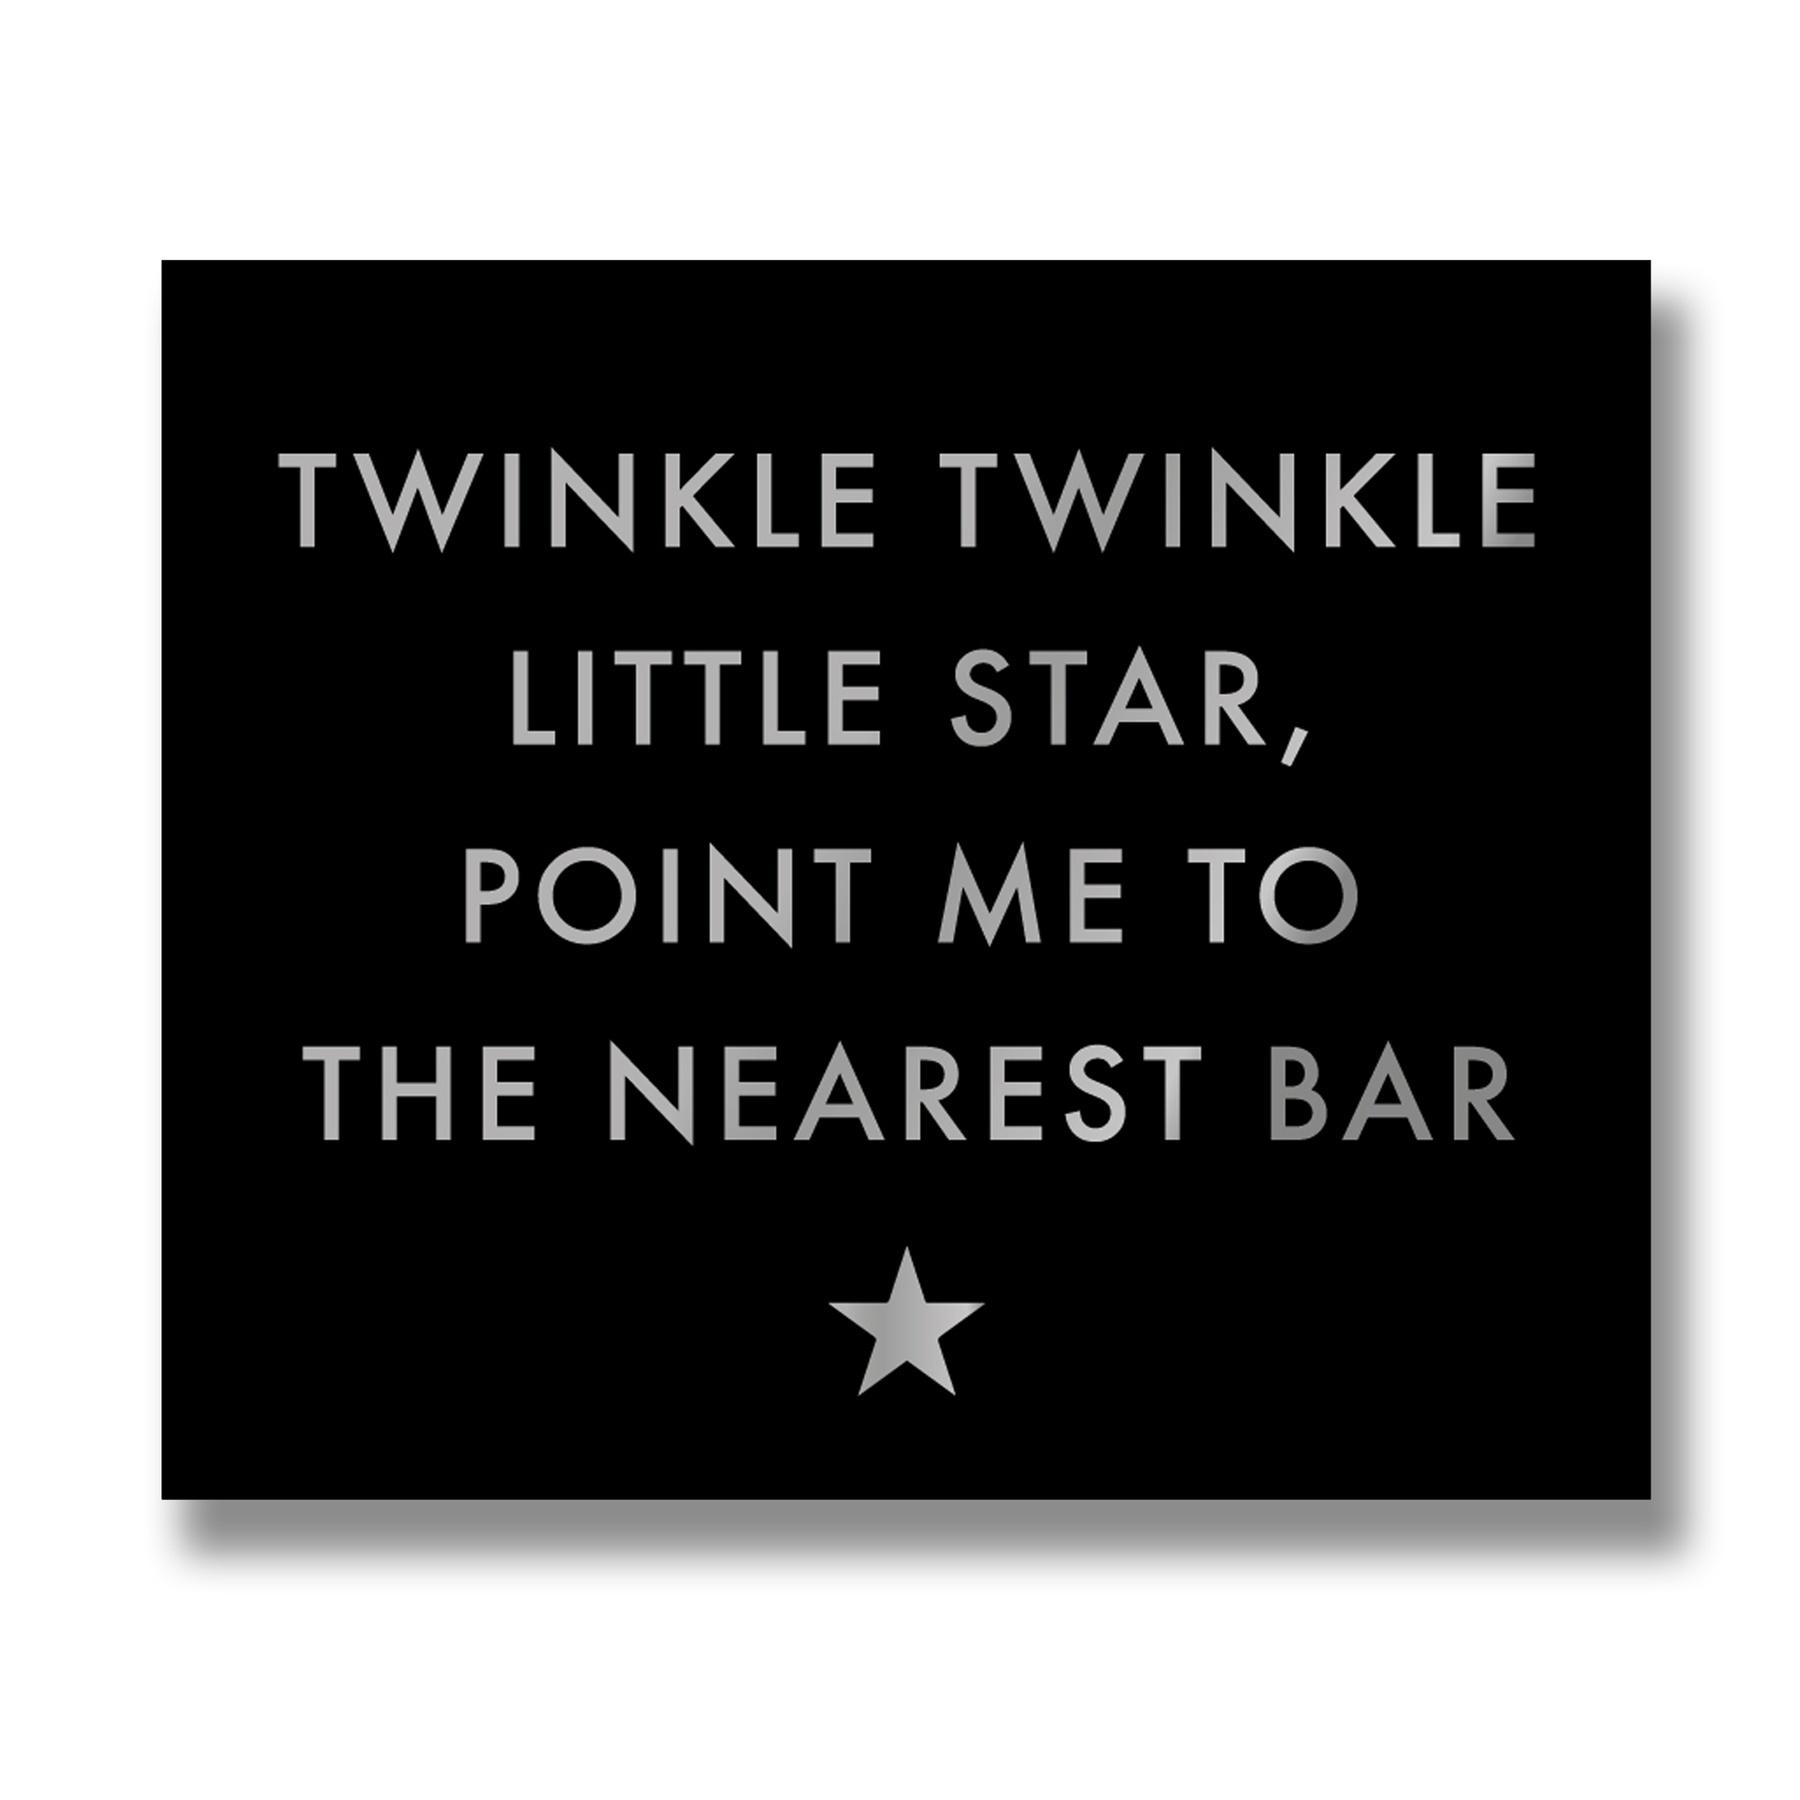 Twinkle Twinkle Gold Foil Plaque